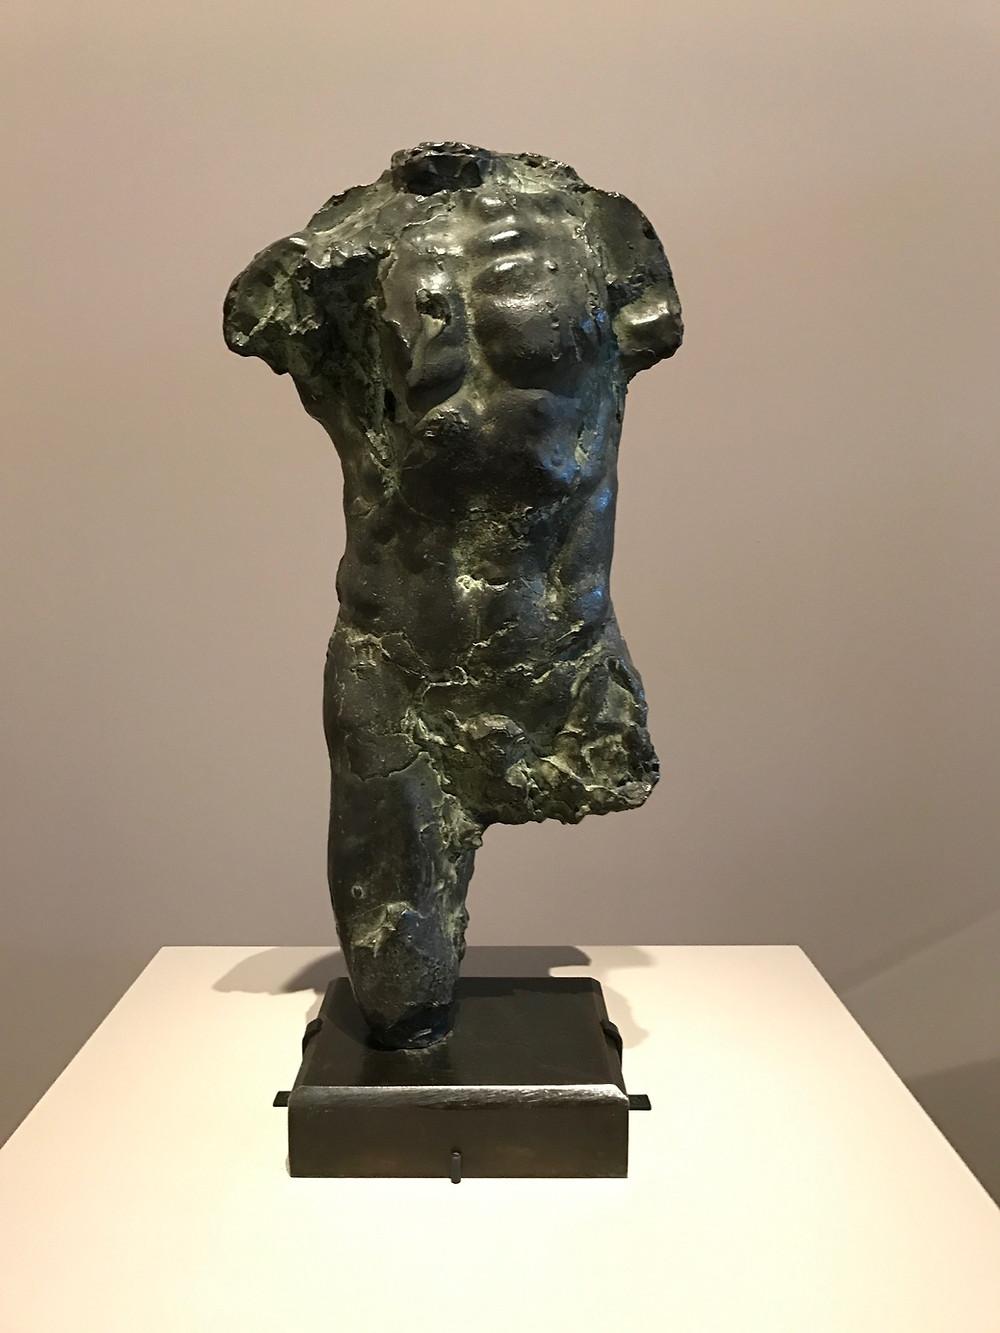 Rodin Grand Palais A VIagem Certa_dicas paris 4